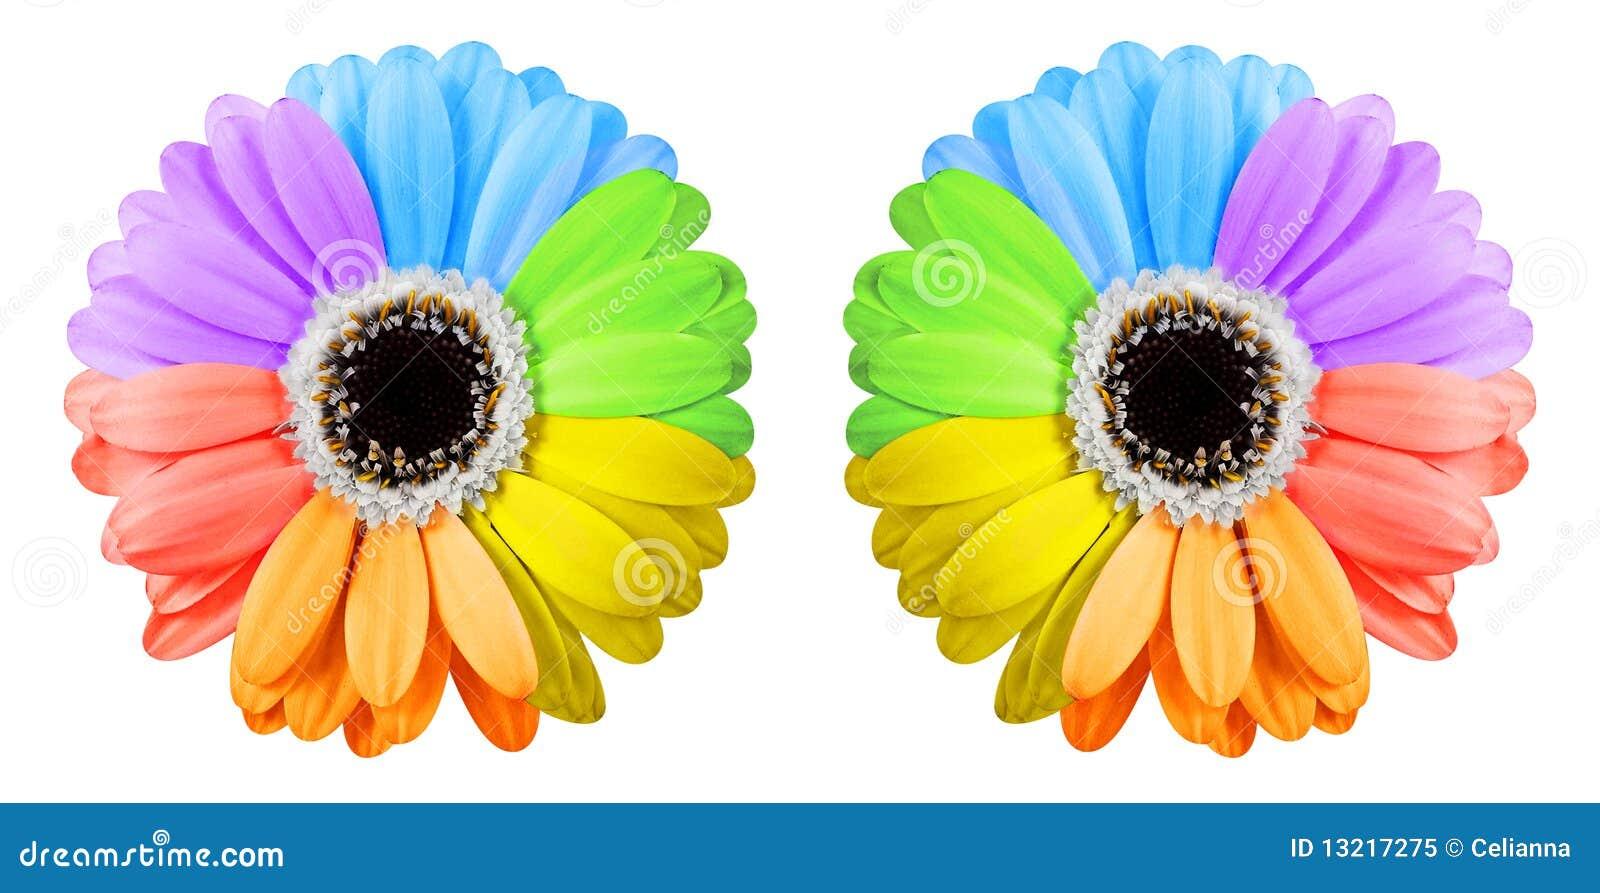 deux fleurs de gerbera d 39 arc en ciel photo libre de droits image 13217275. Black Bedroom Furniture Sets. Home Design Ideas